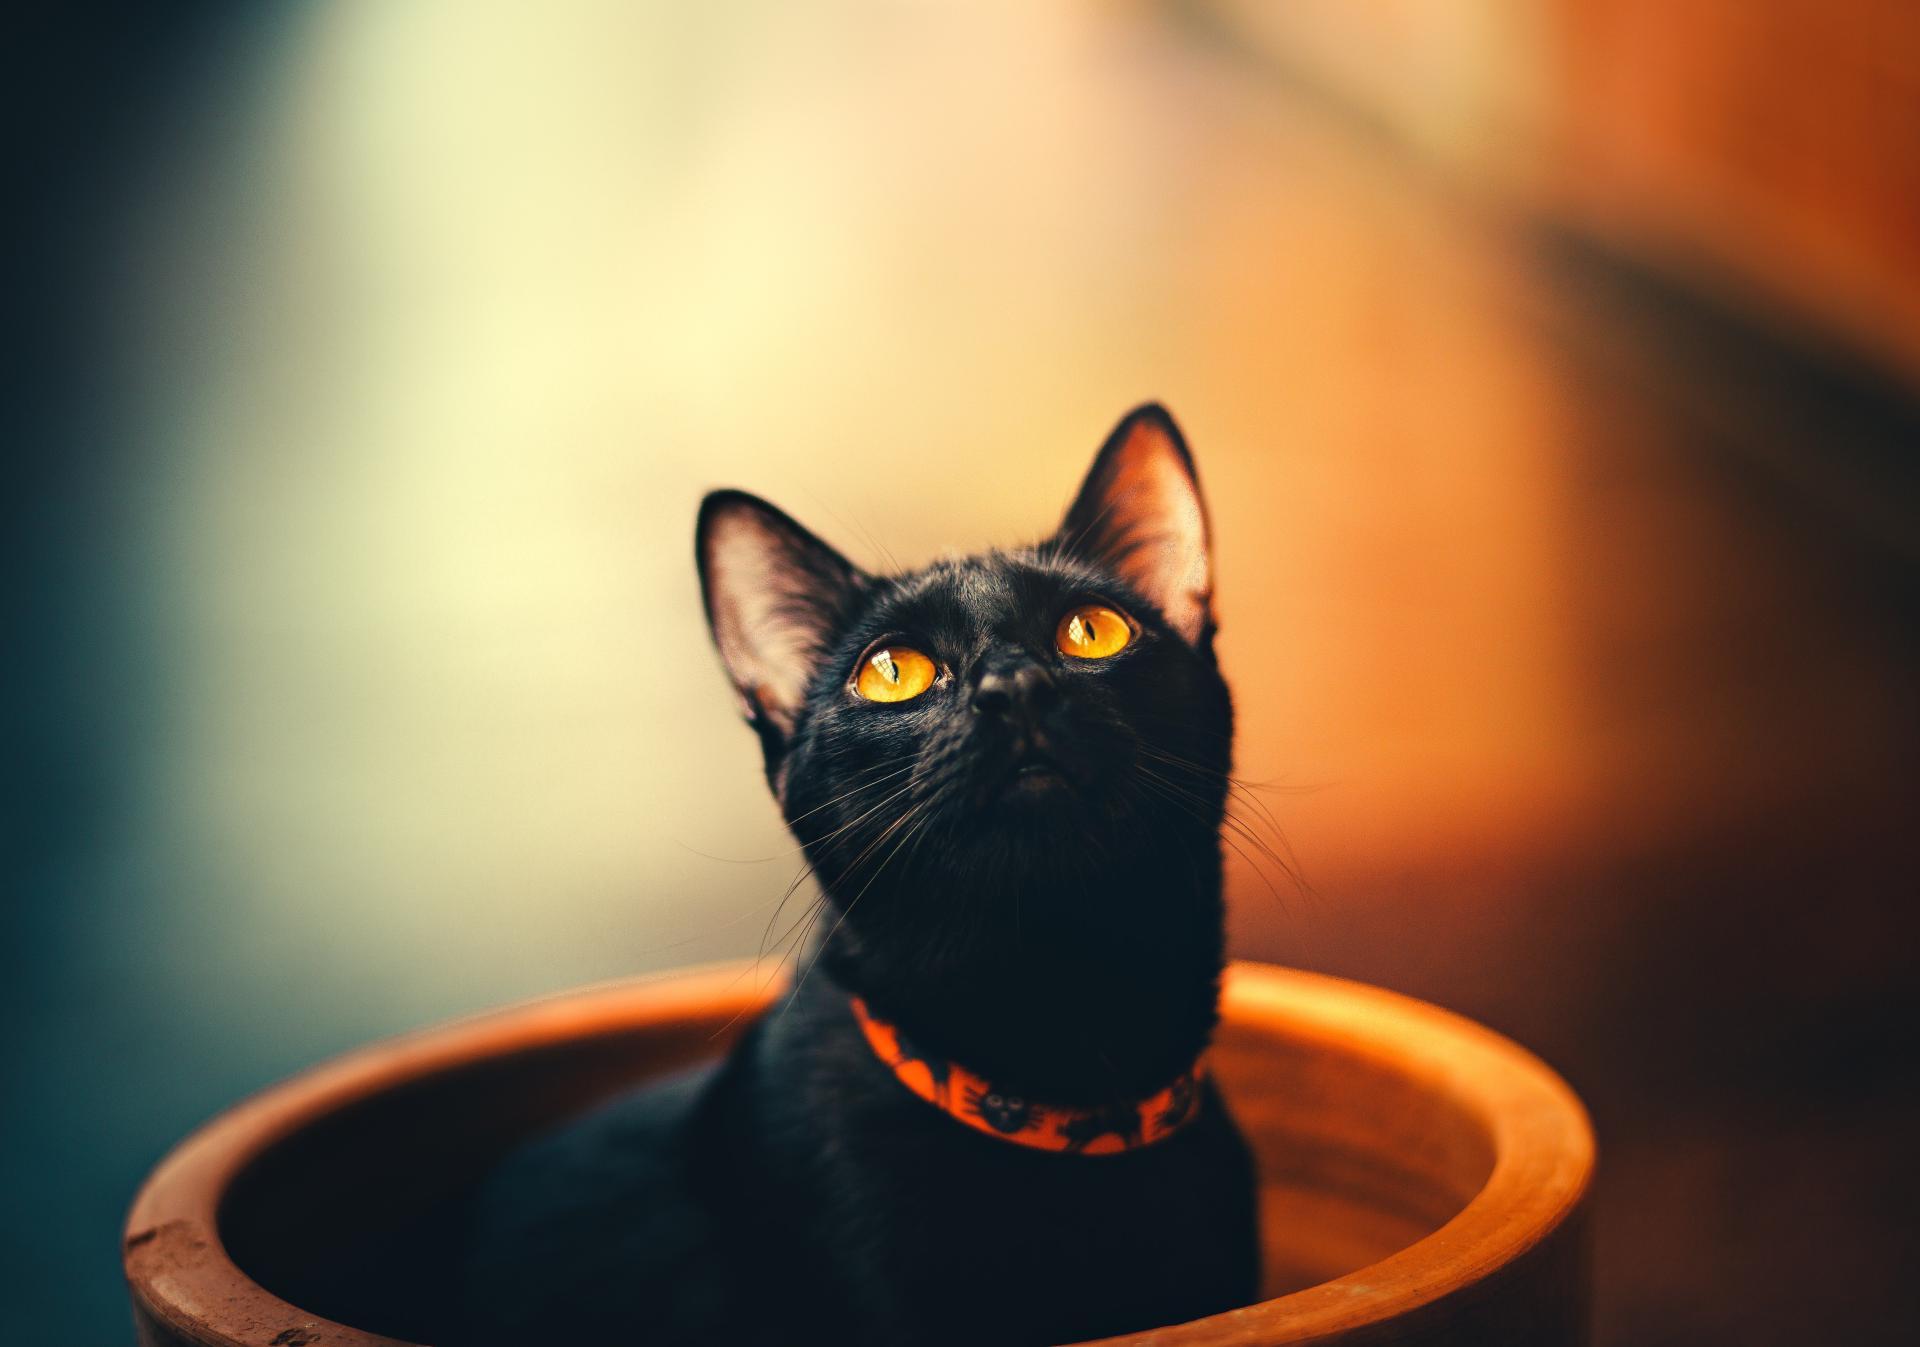 Σχολιάστε ελεύθερα σε όλες τις ειδήσεις του μαύρου γάτου!